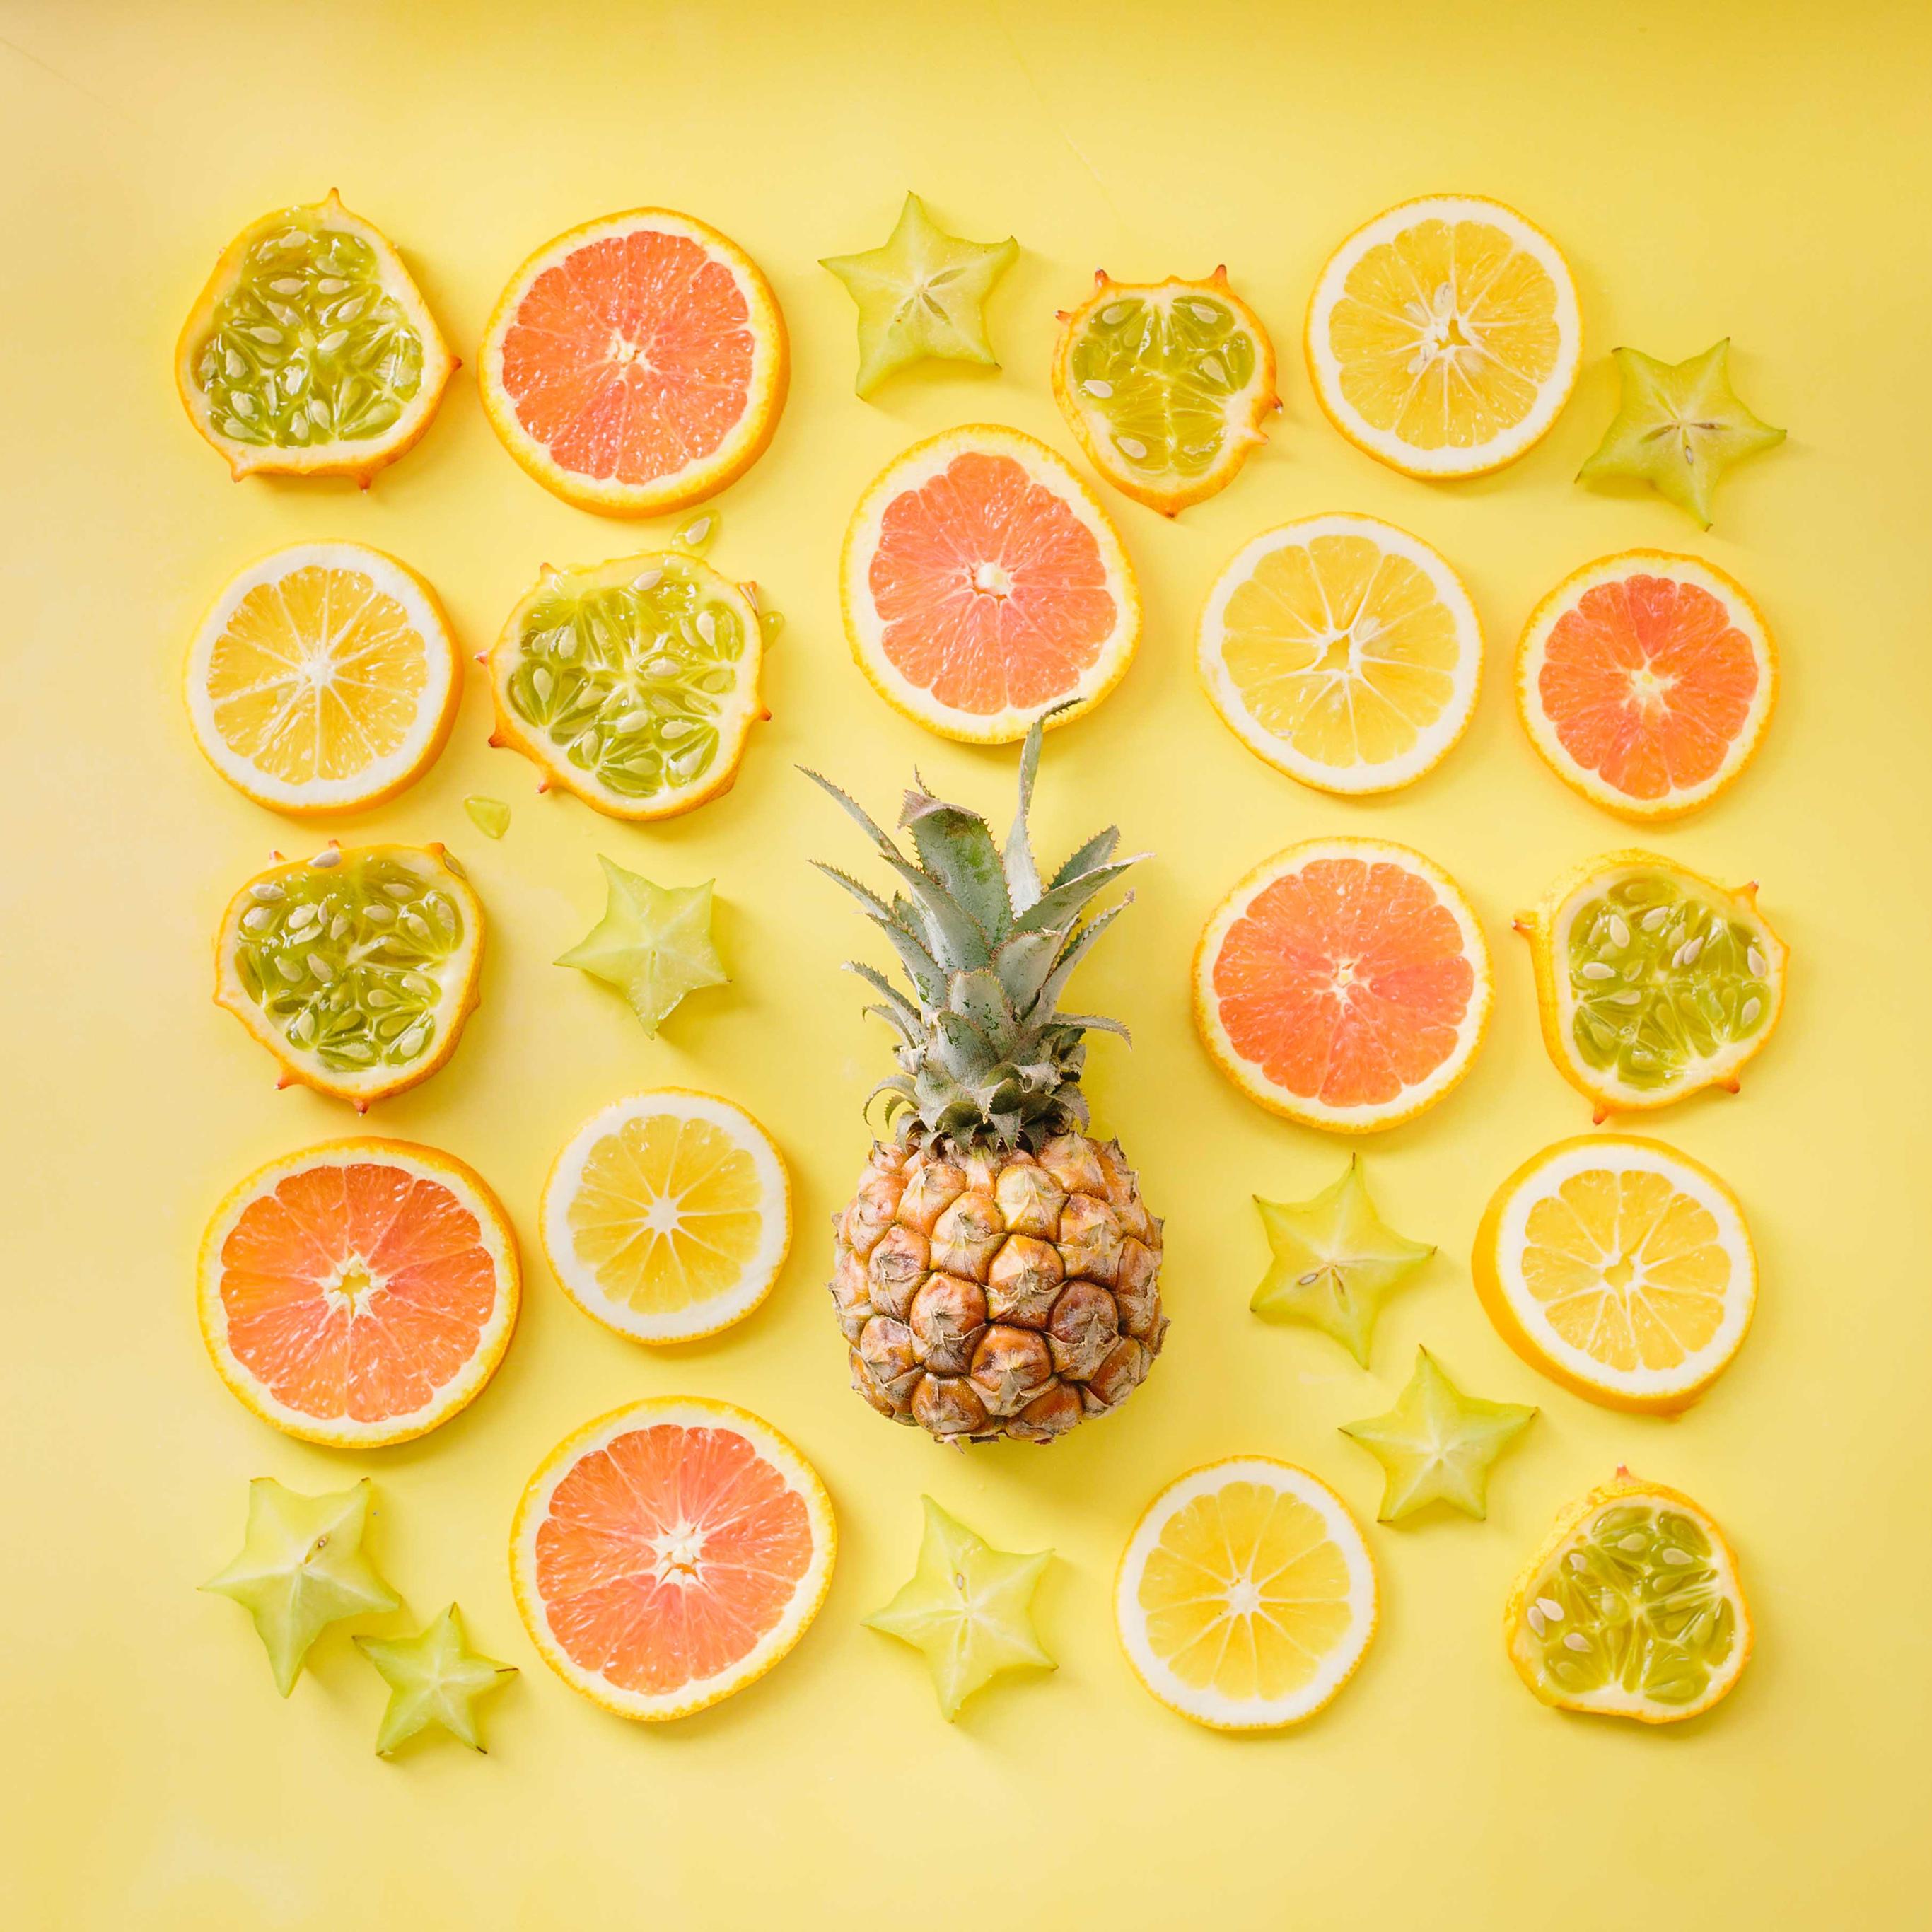 水果 菠萝 西柚 橙 杨桃 平铺 创意